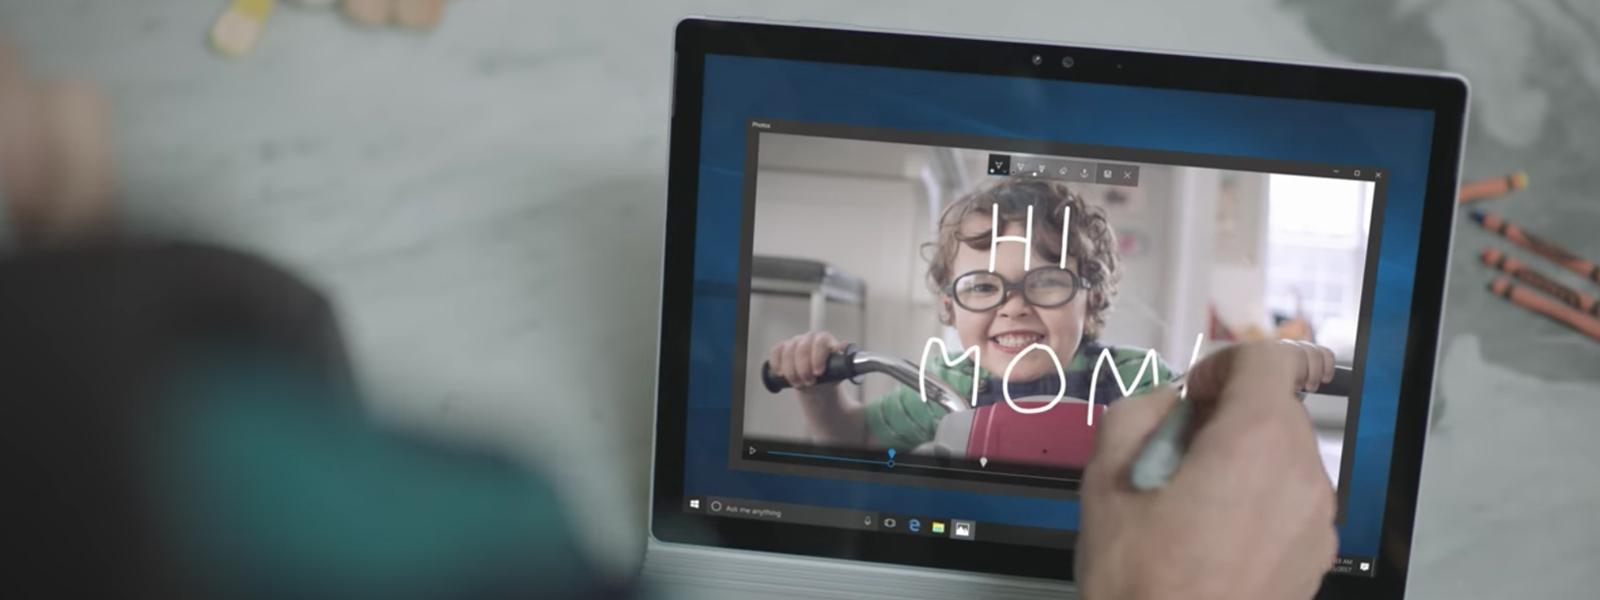 """一位女士正在操作笔记本电脑,为自己孩子的影片编写字幕。图像中骑着三轮车的雀斑少年头上出现了文字""""Hi Mom""""。"""